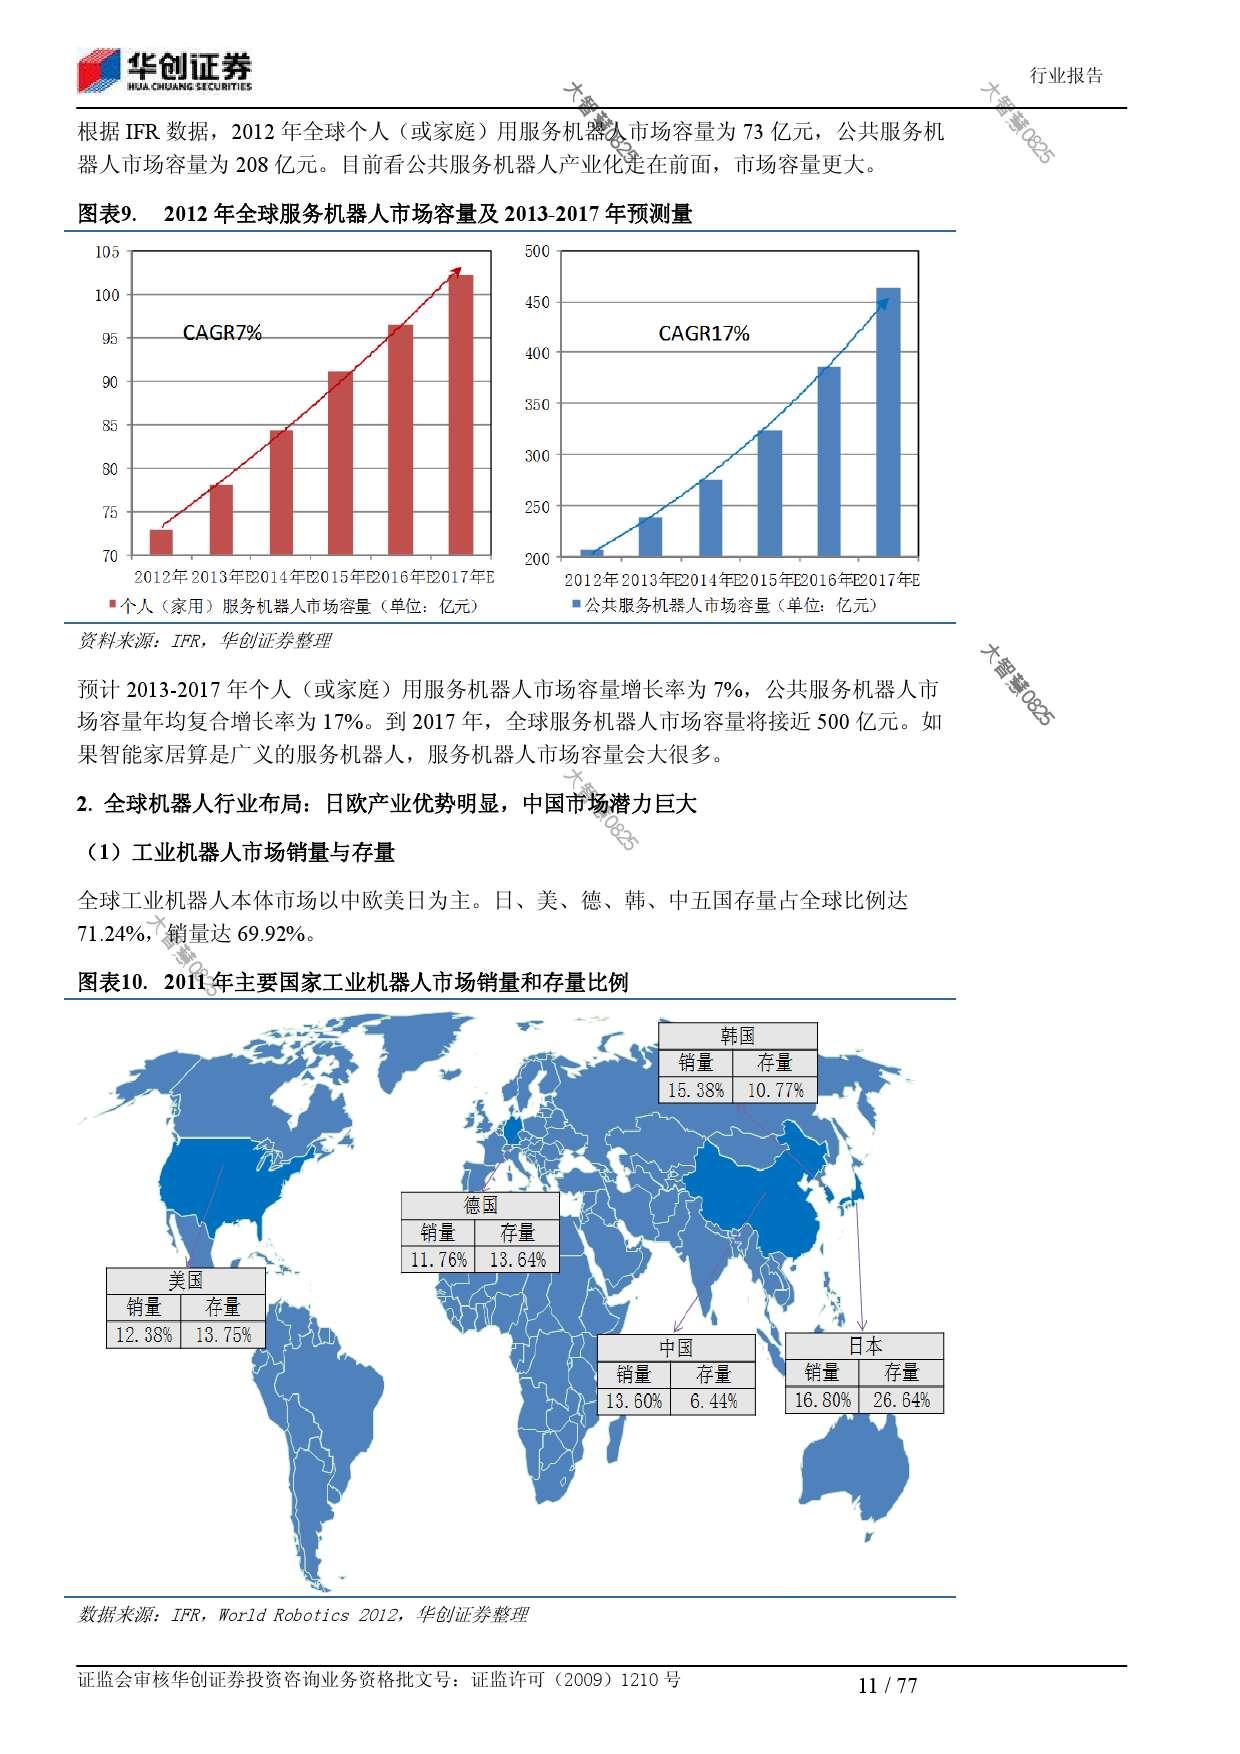 行业研究_华创证券_刘国清,鲁佩_机械设备:机器人大趋势_2014021_000011